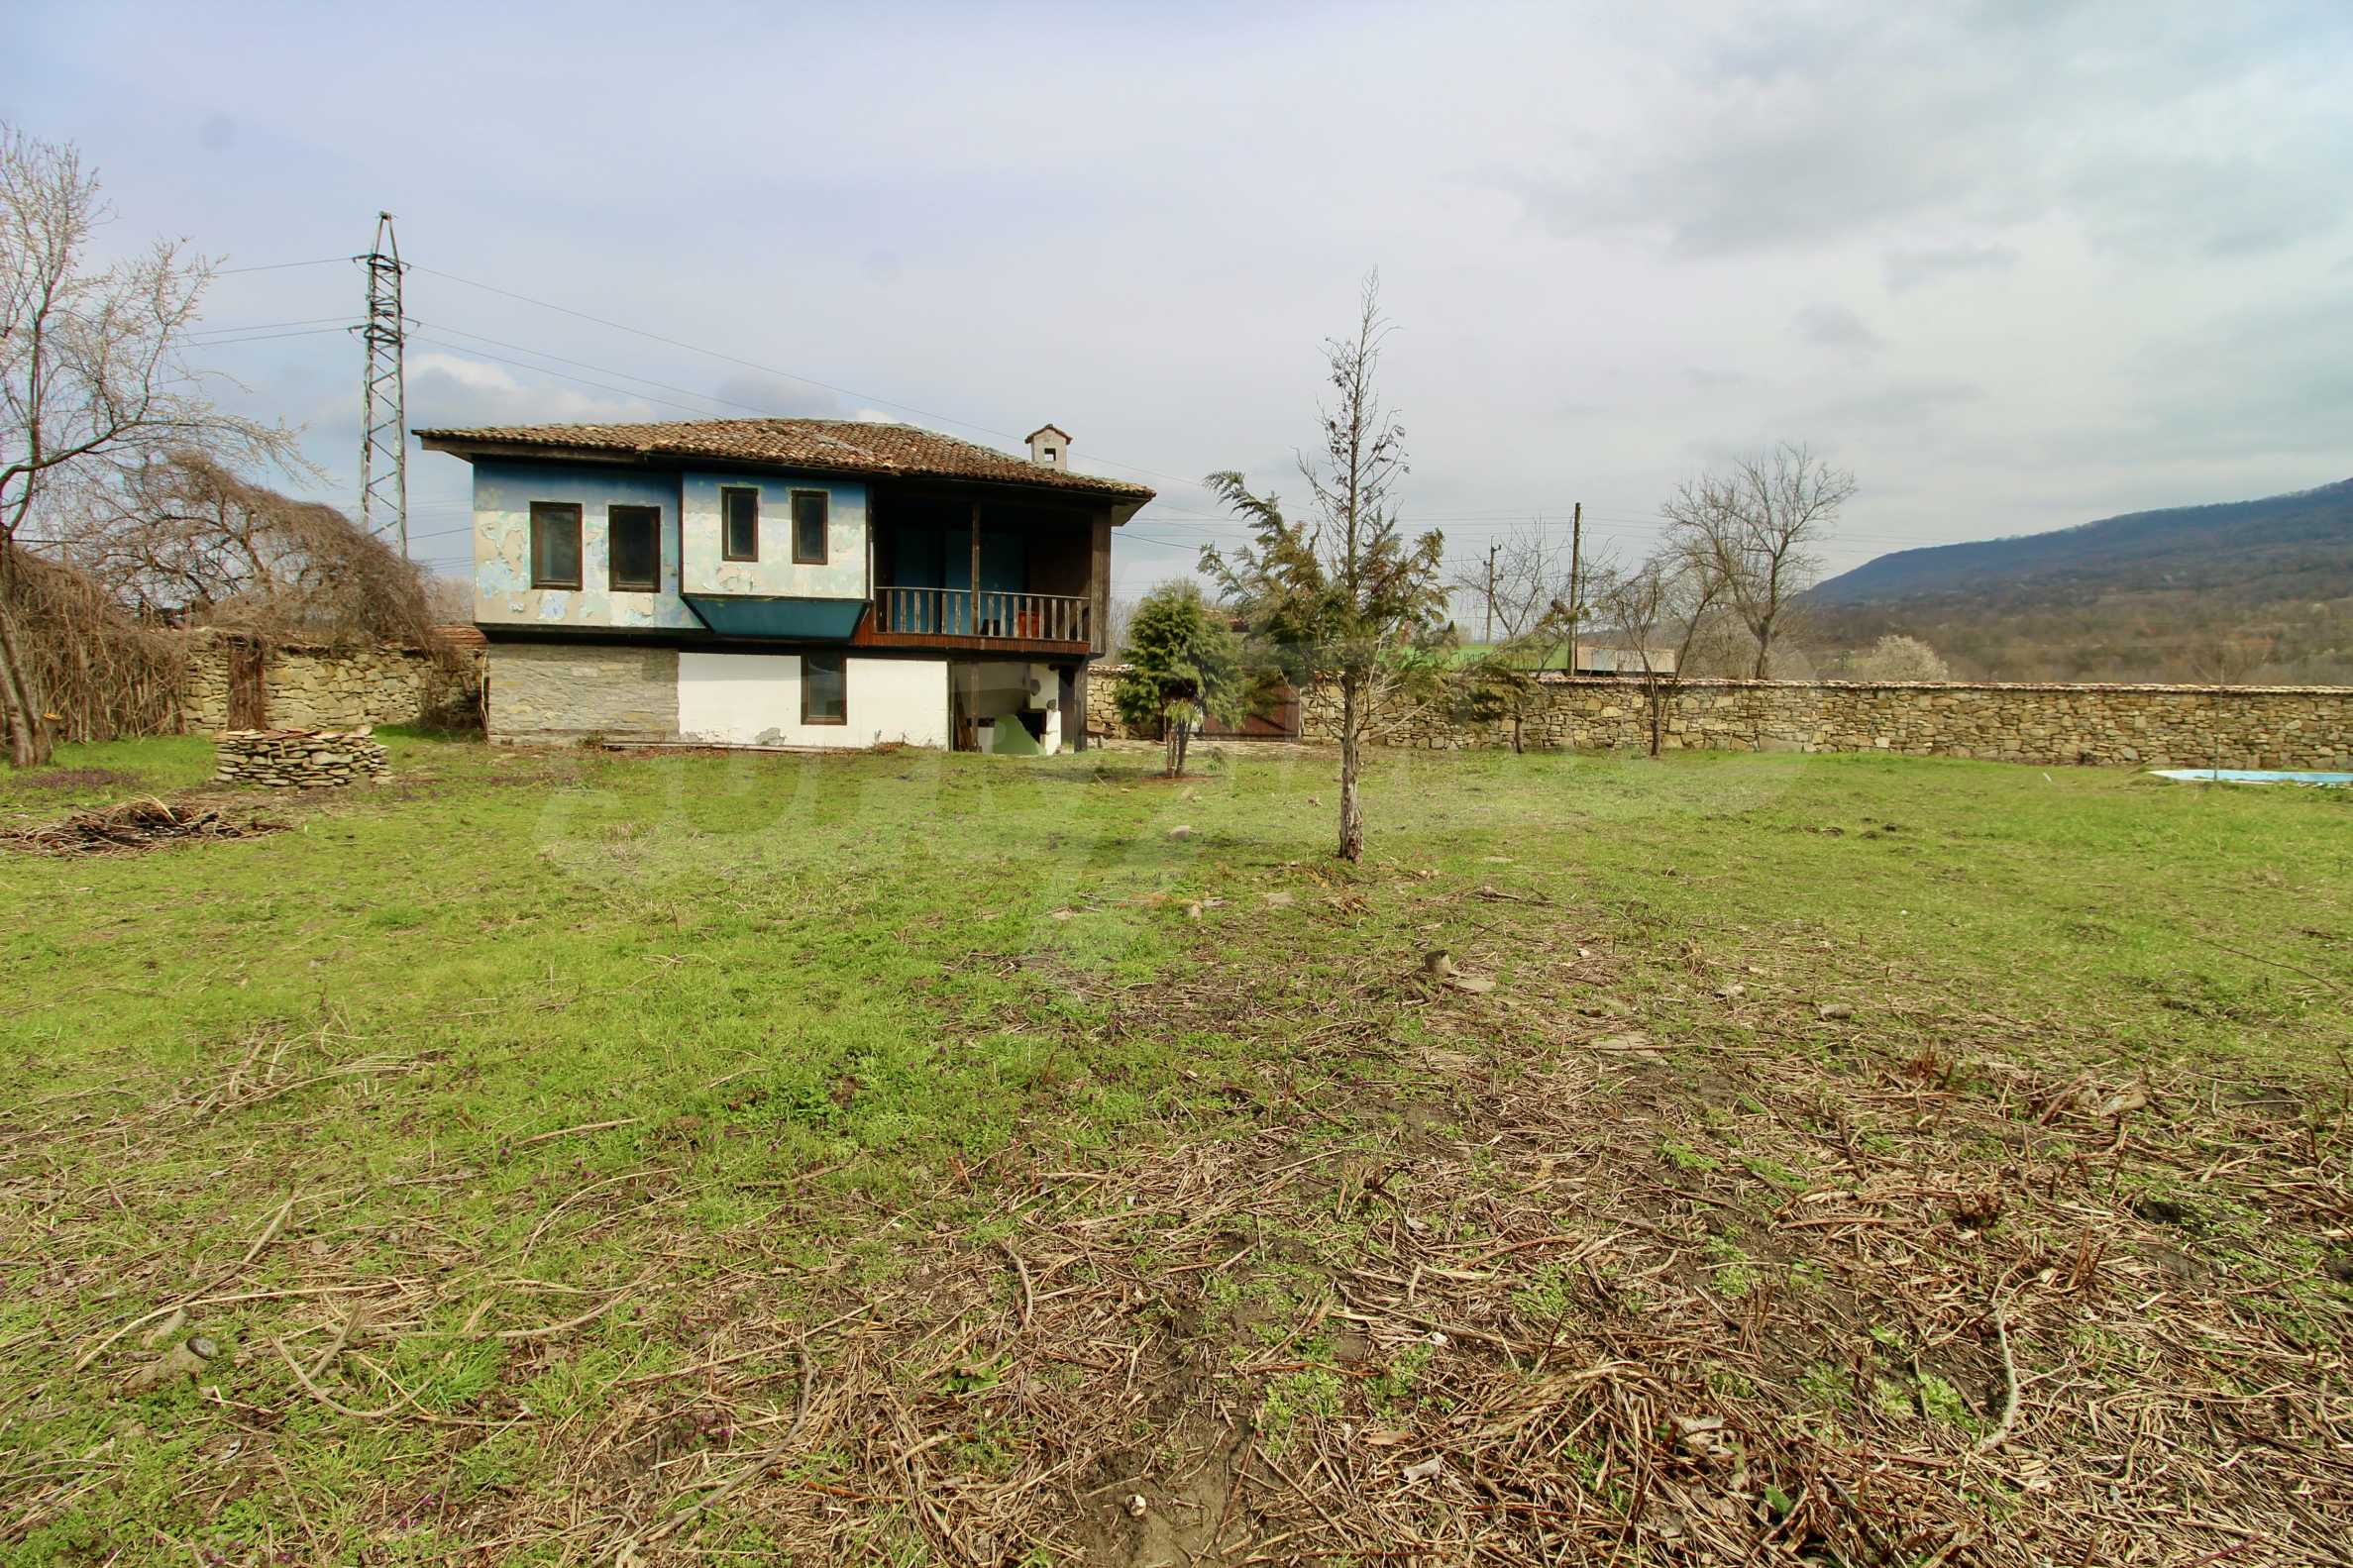 Двуетажна къща с голпм двор в село на 30 км от Велико Търново  39